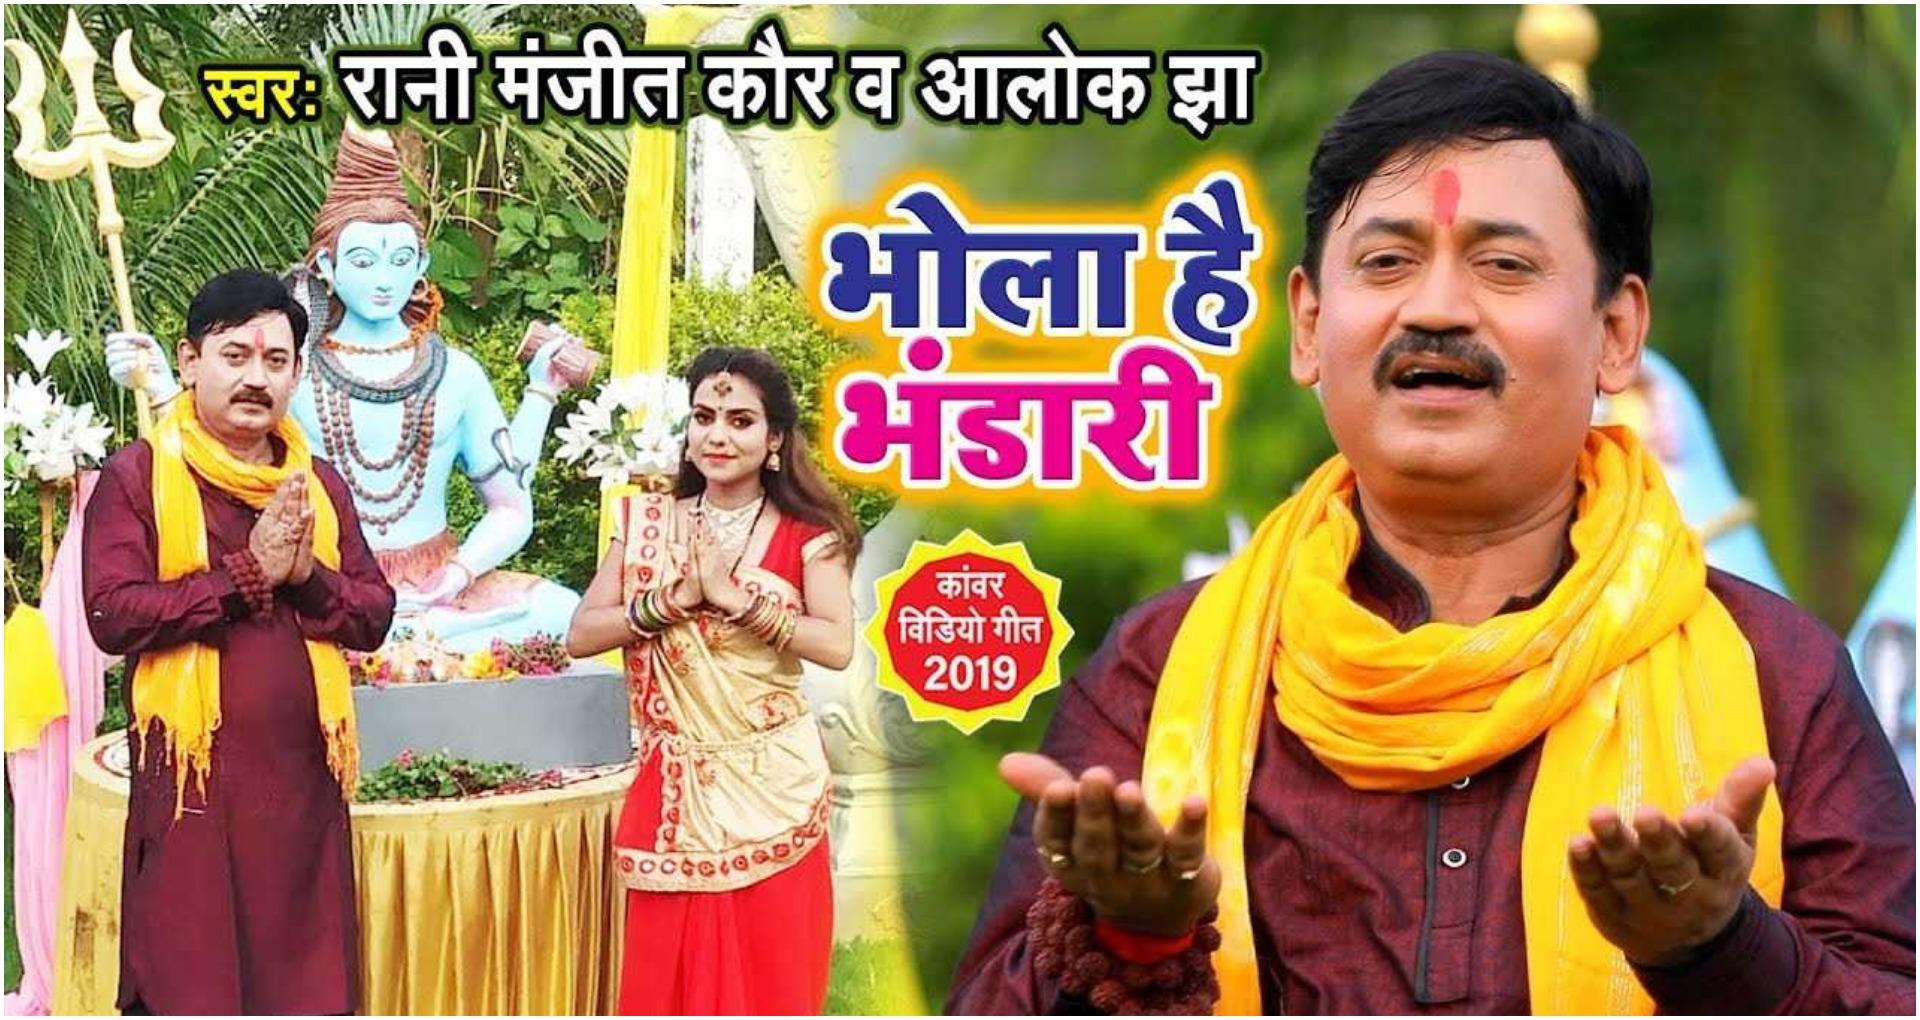 Bhola Hai Bhandari Song: भोलेनाथ पर बना ये वीडियो सांग खूब वायरल हो रहा है, आप भी बनाइए श्रावण का सोमवार ख़ास